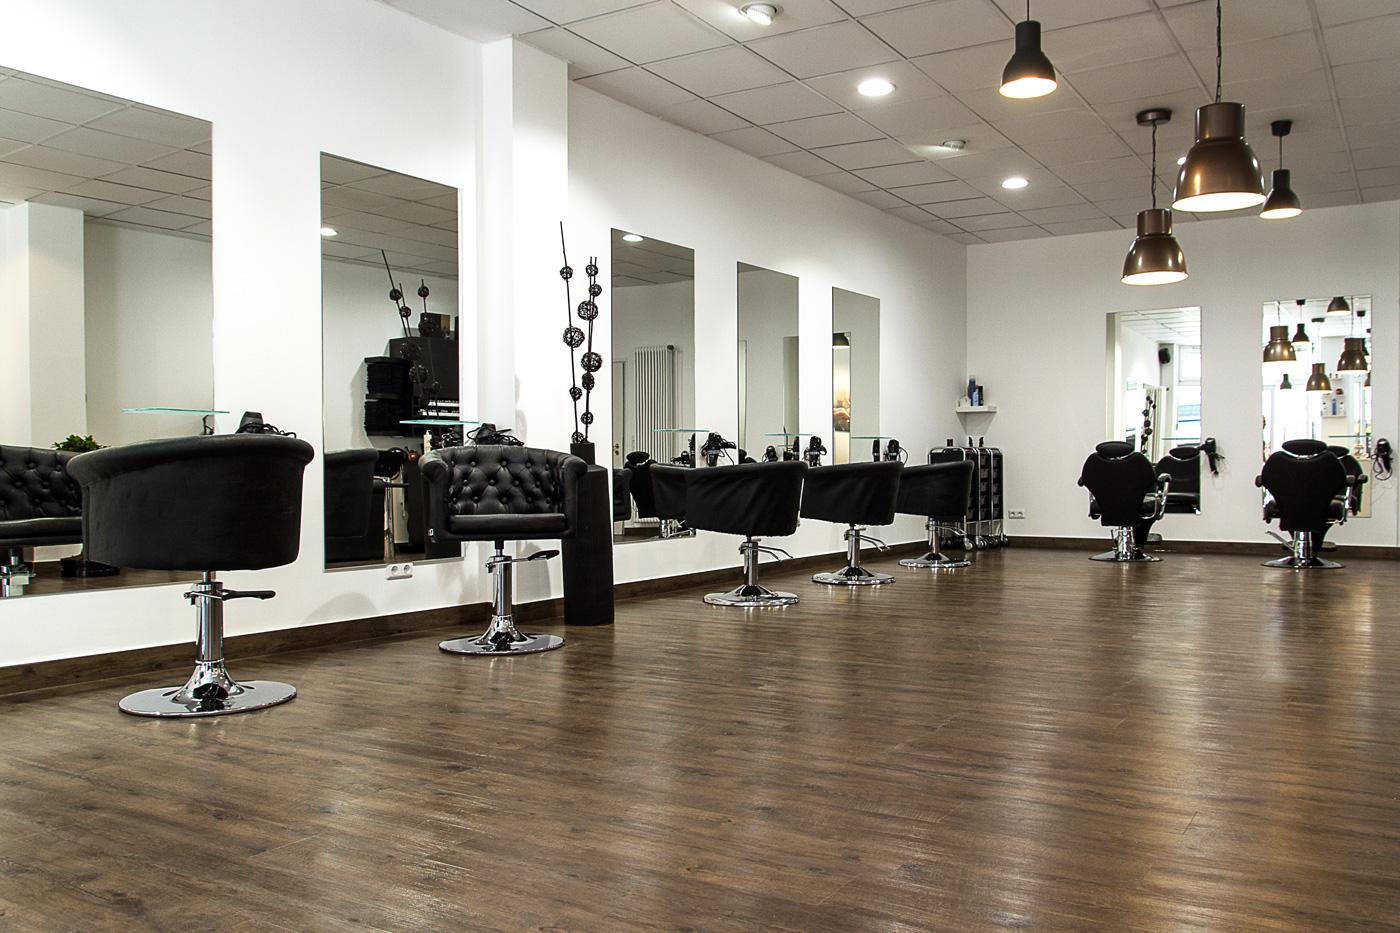 Bouselman – Nicht ein Friseur, sondern Dein Friseur